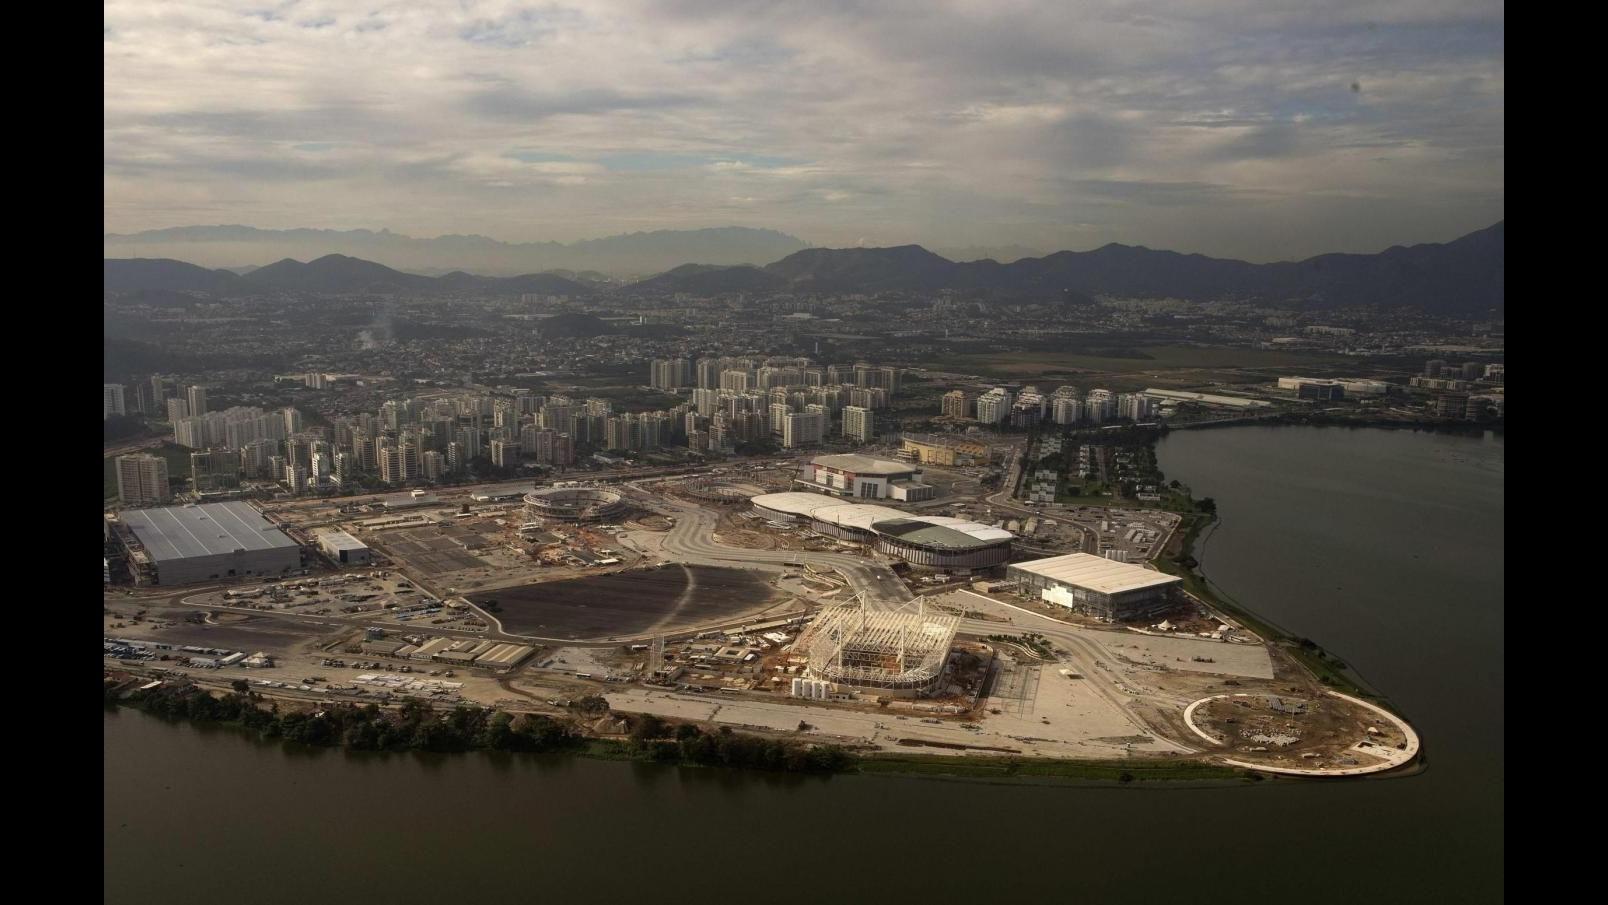 Rio 2016, villaggio olimpico quasi pronto. Fine dei lavori entro 2015